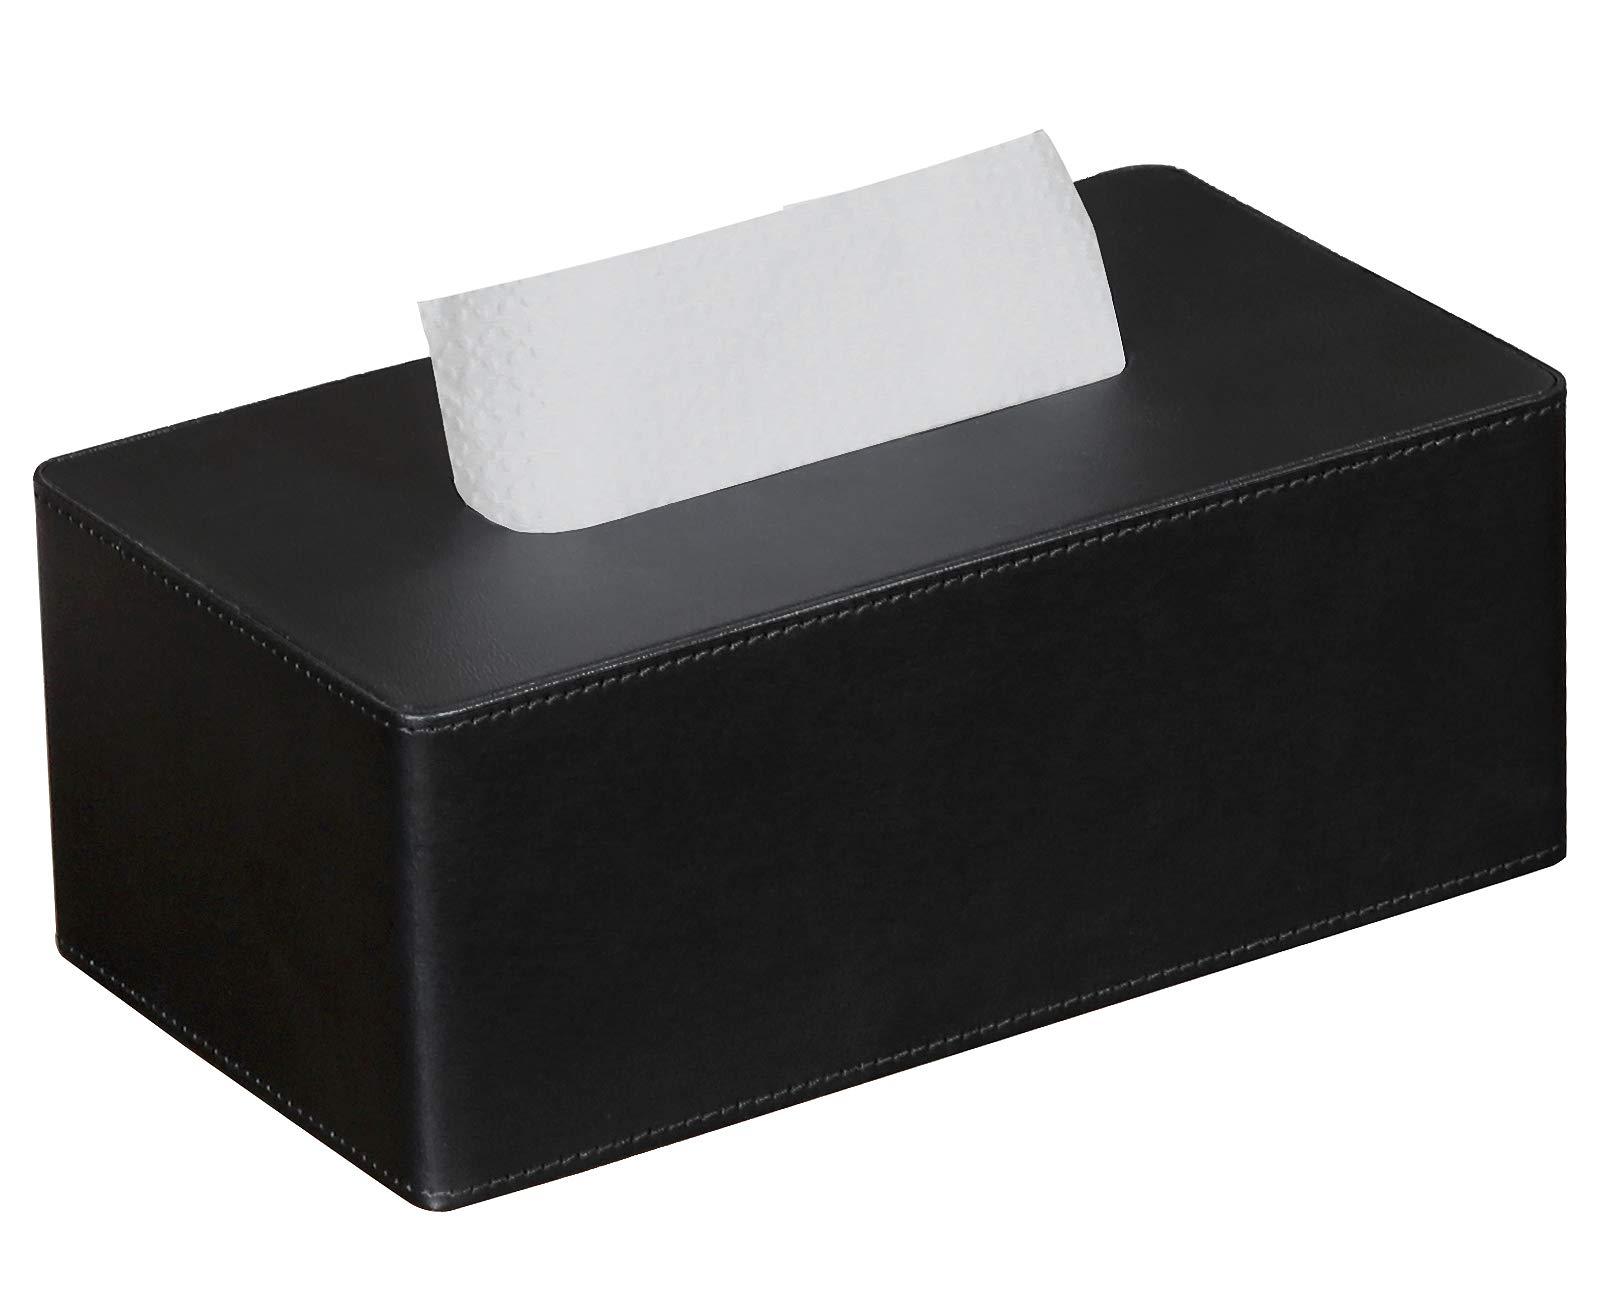 GOLRANLYE Tissue Box Cover Rectangular PU Leather Facial Tissue Dispenser Box Holder for Dresser Bathroom Decor (Black)